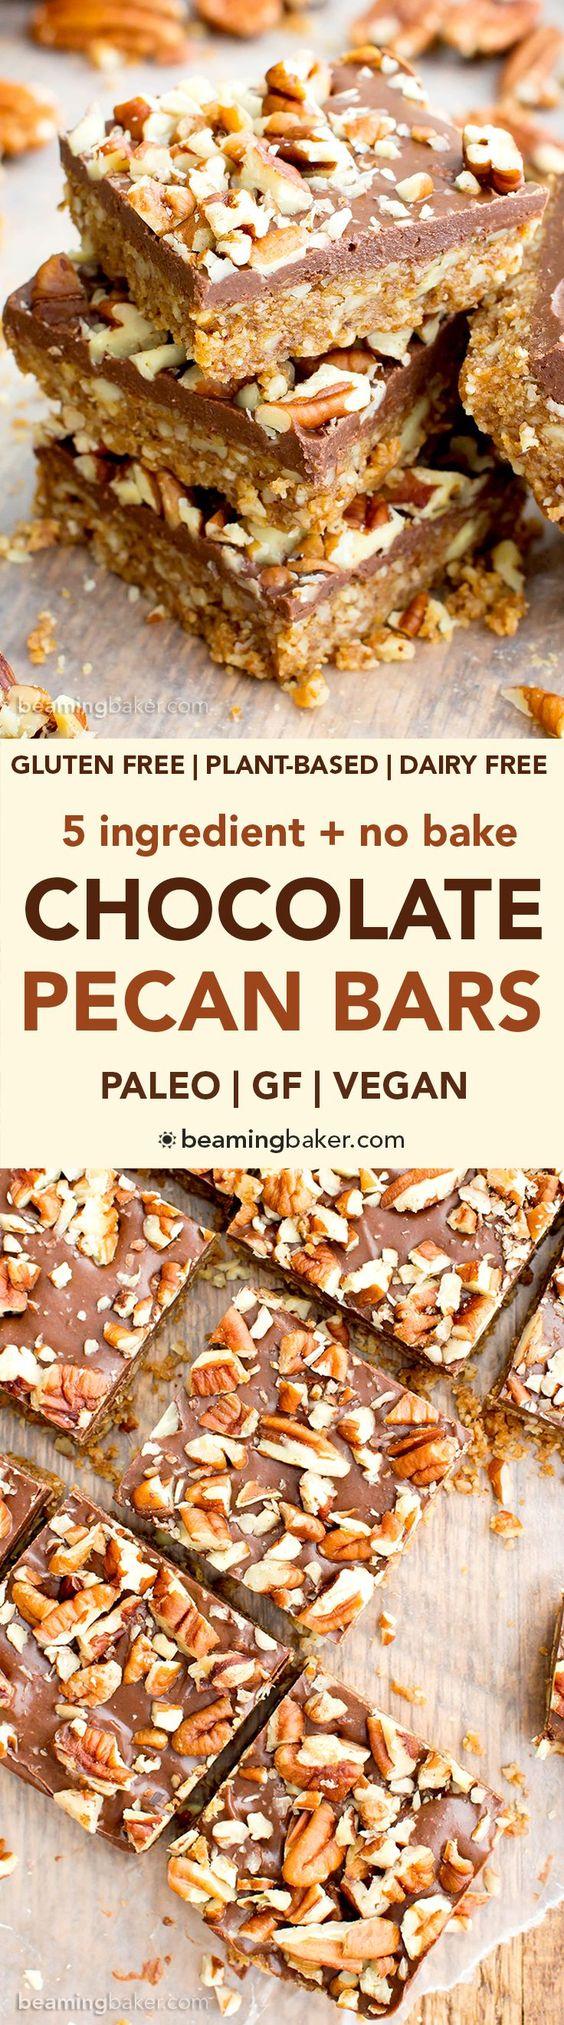 no-bake-chocolate-pecan-bars-paleo-vegan-gluten-free